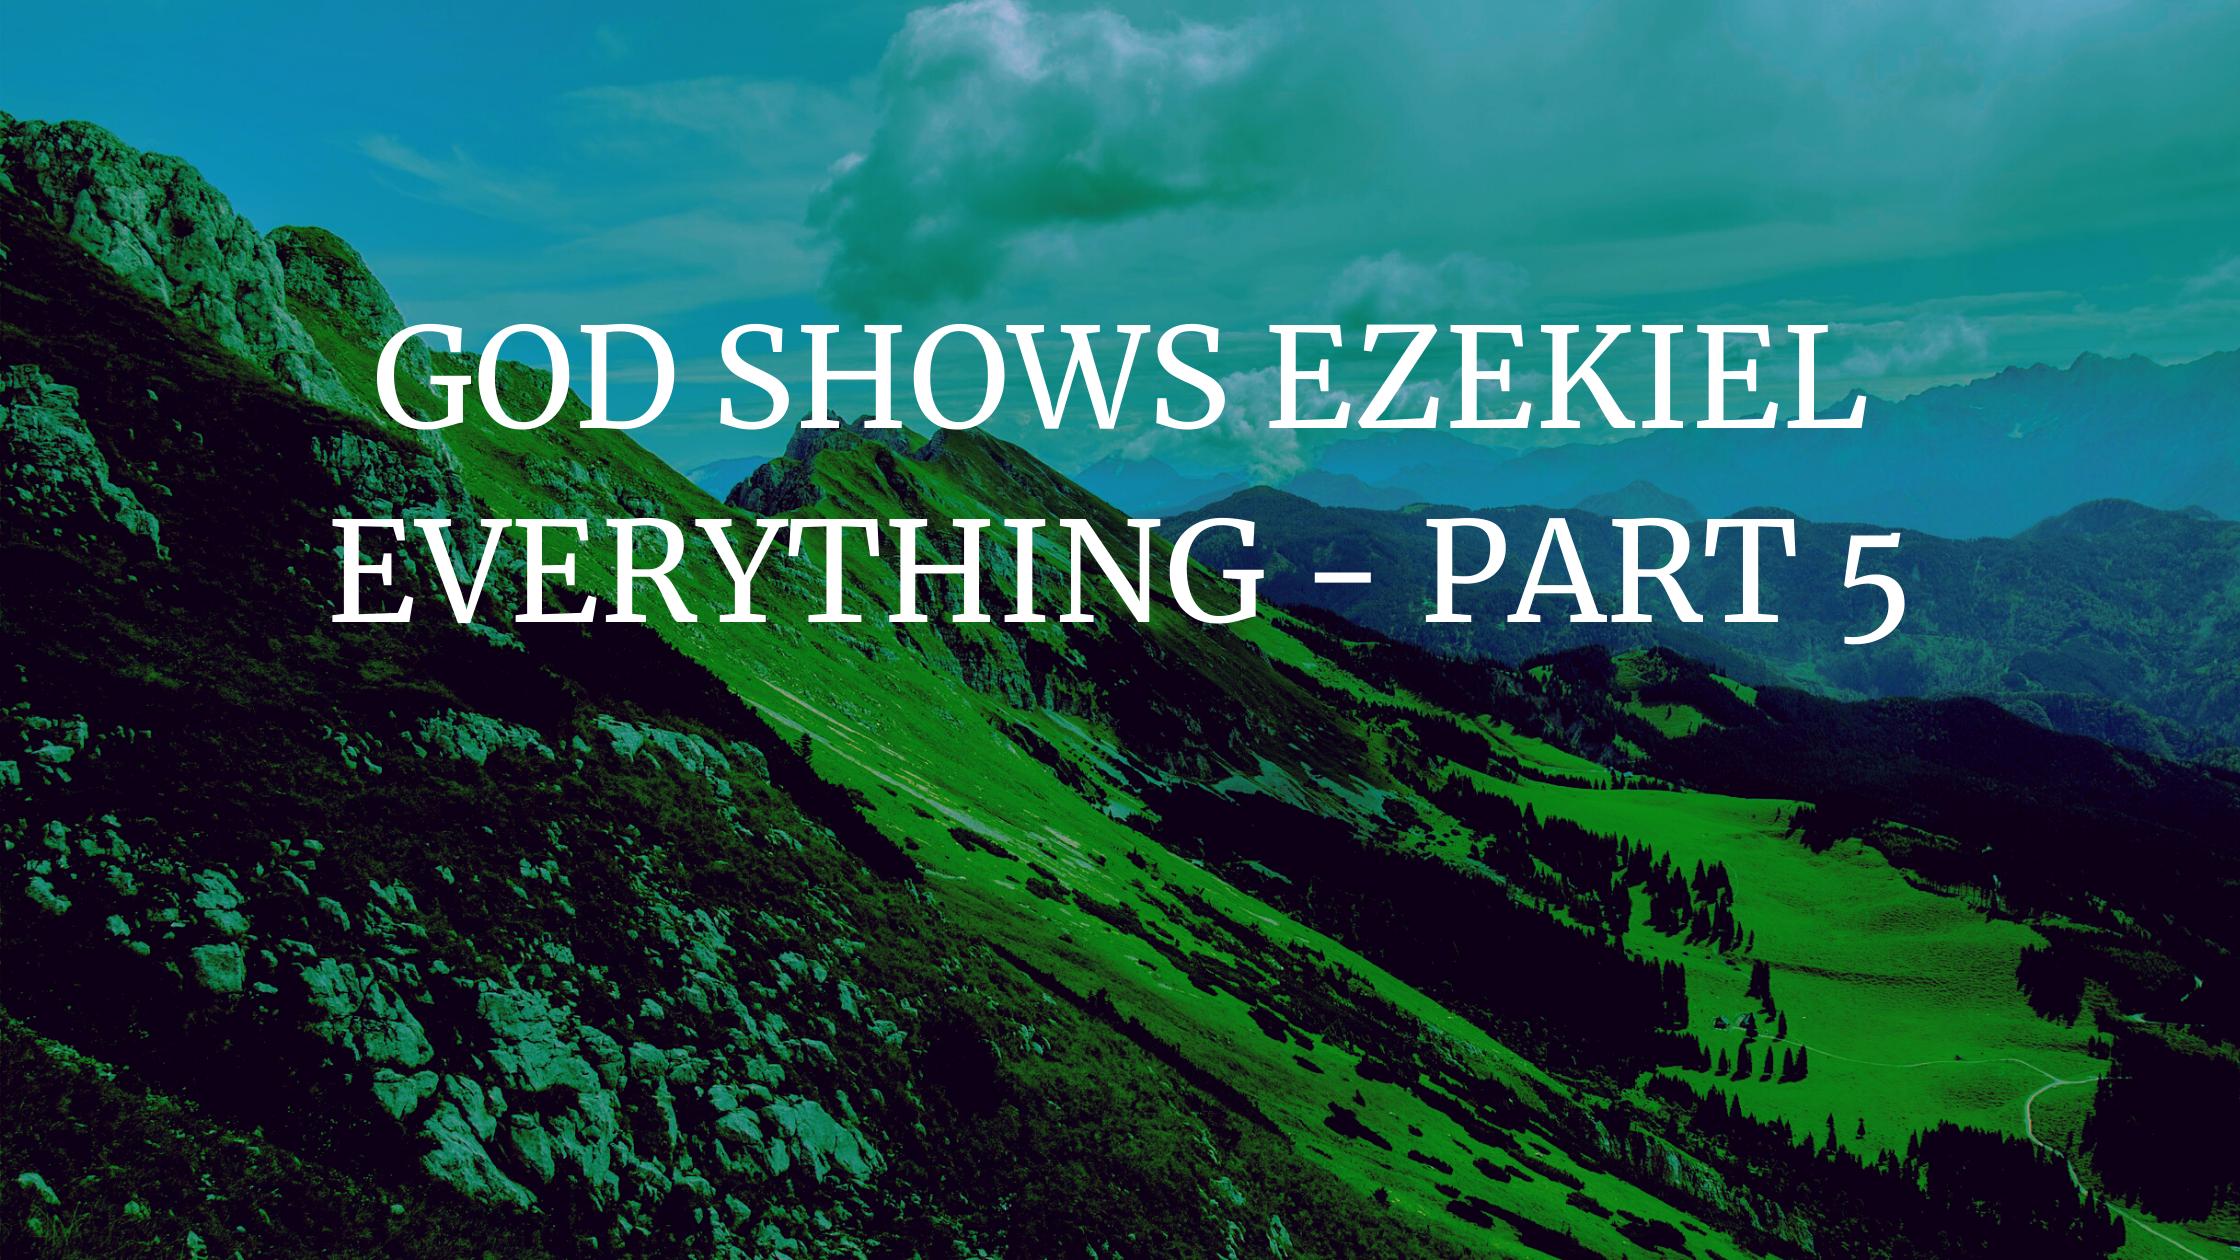 god-shows-ezekiel-everything-graphic-5